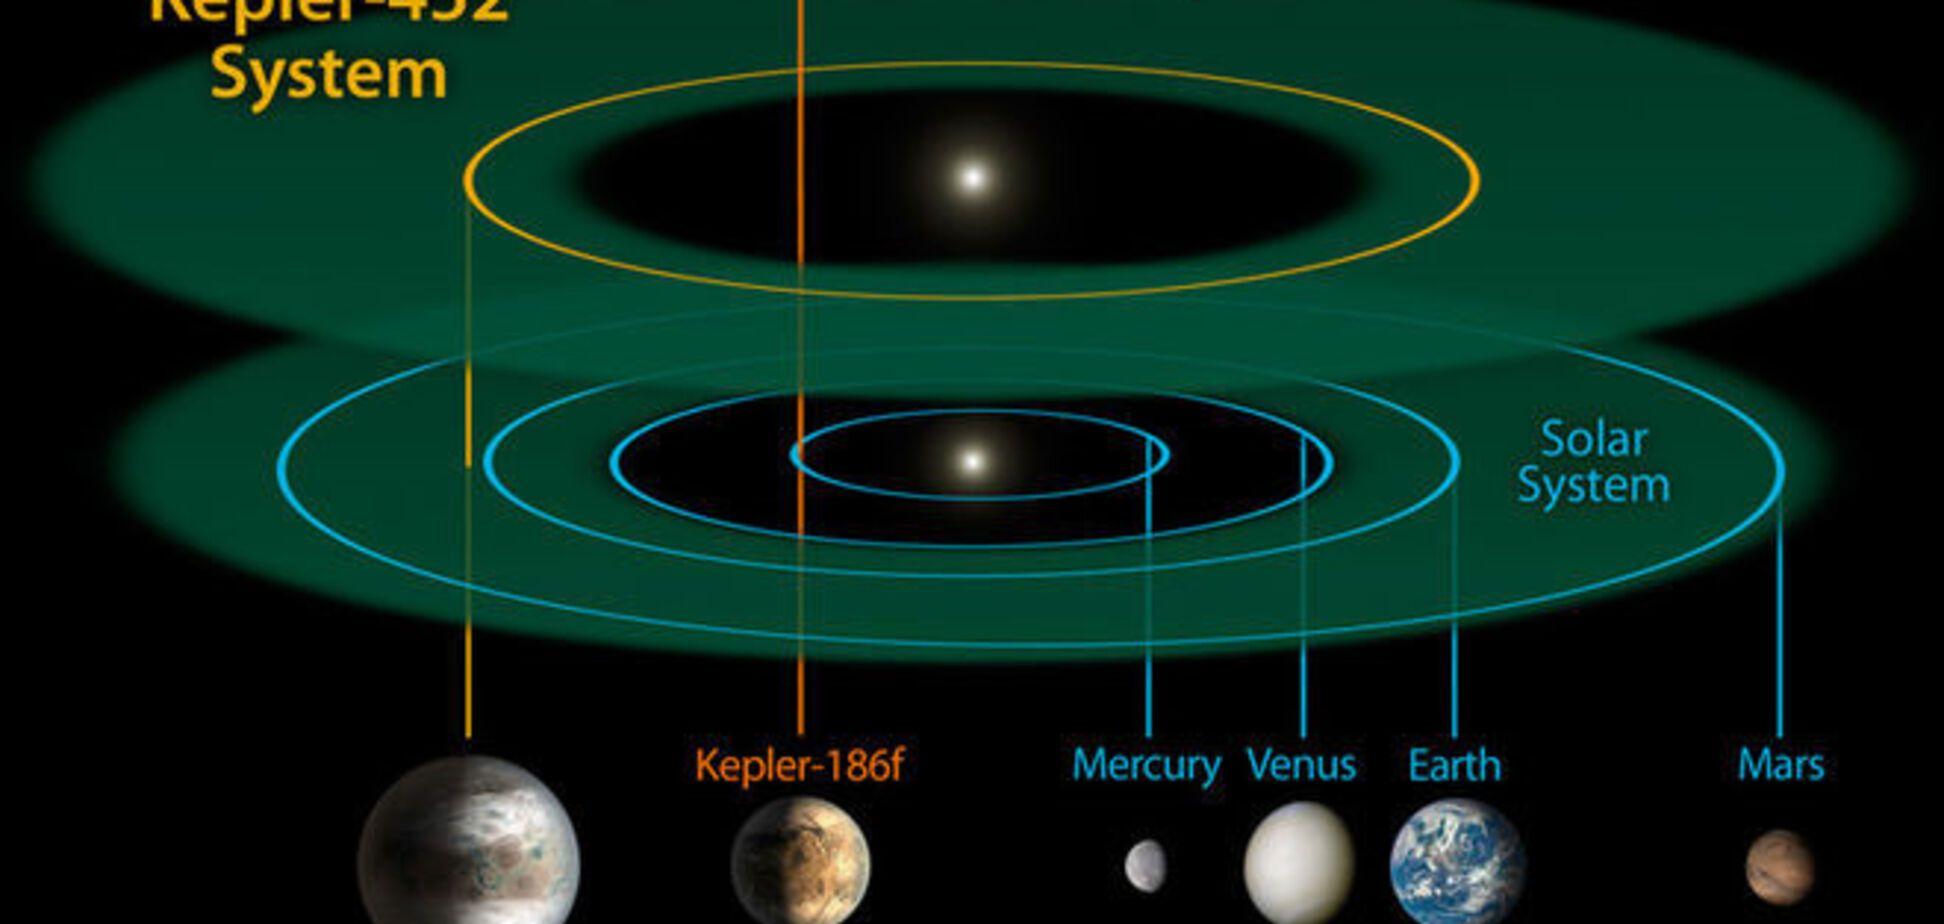 Історичне відкриття: Kepler-452b - Земля під час апокаліпсису